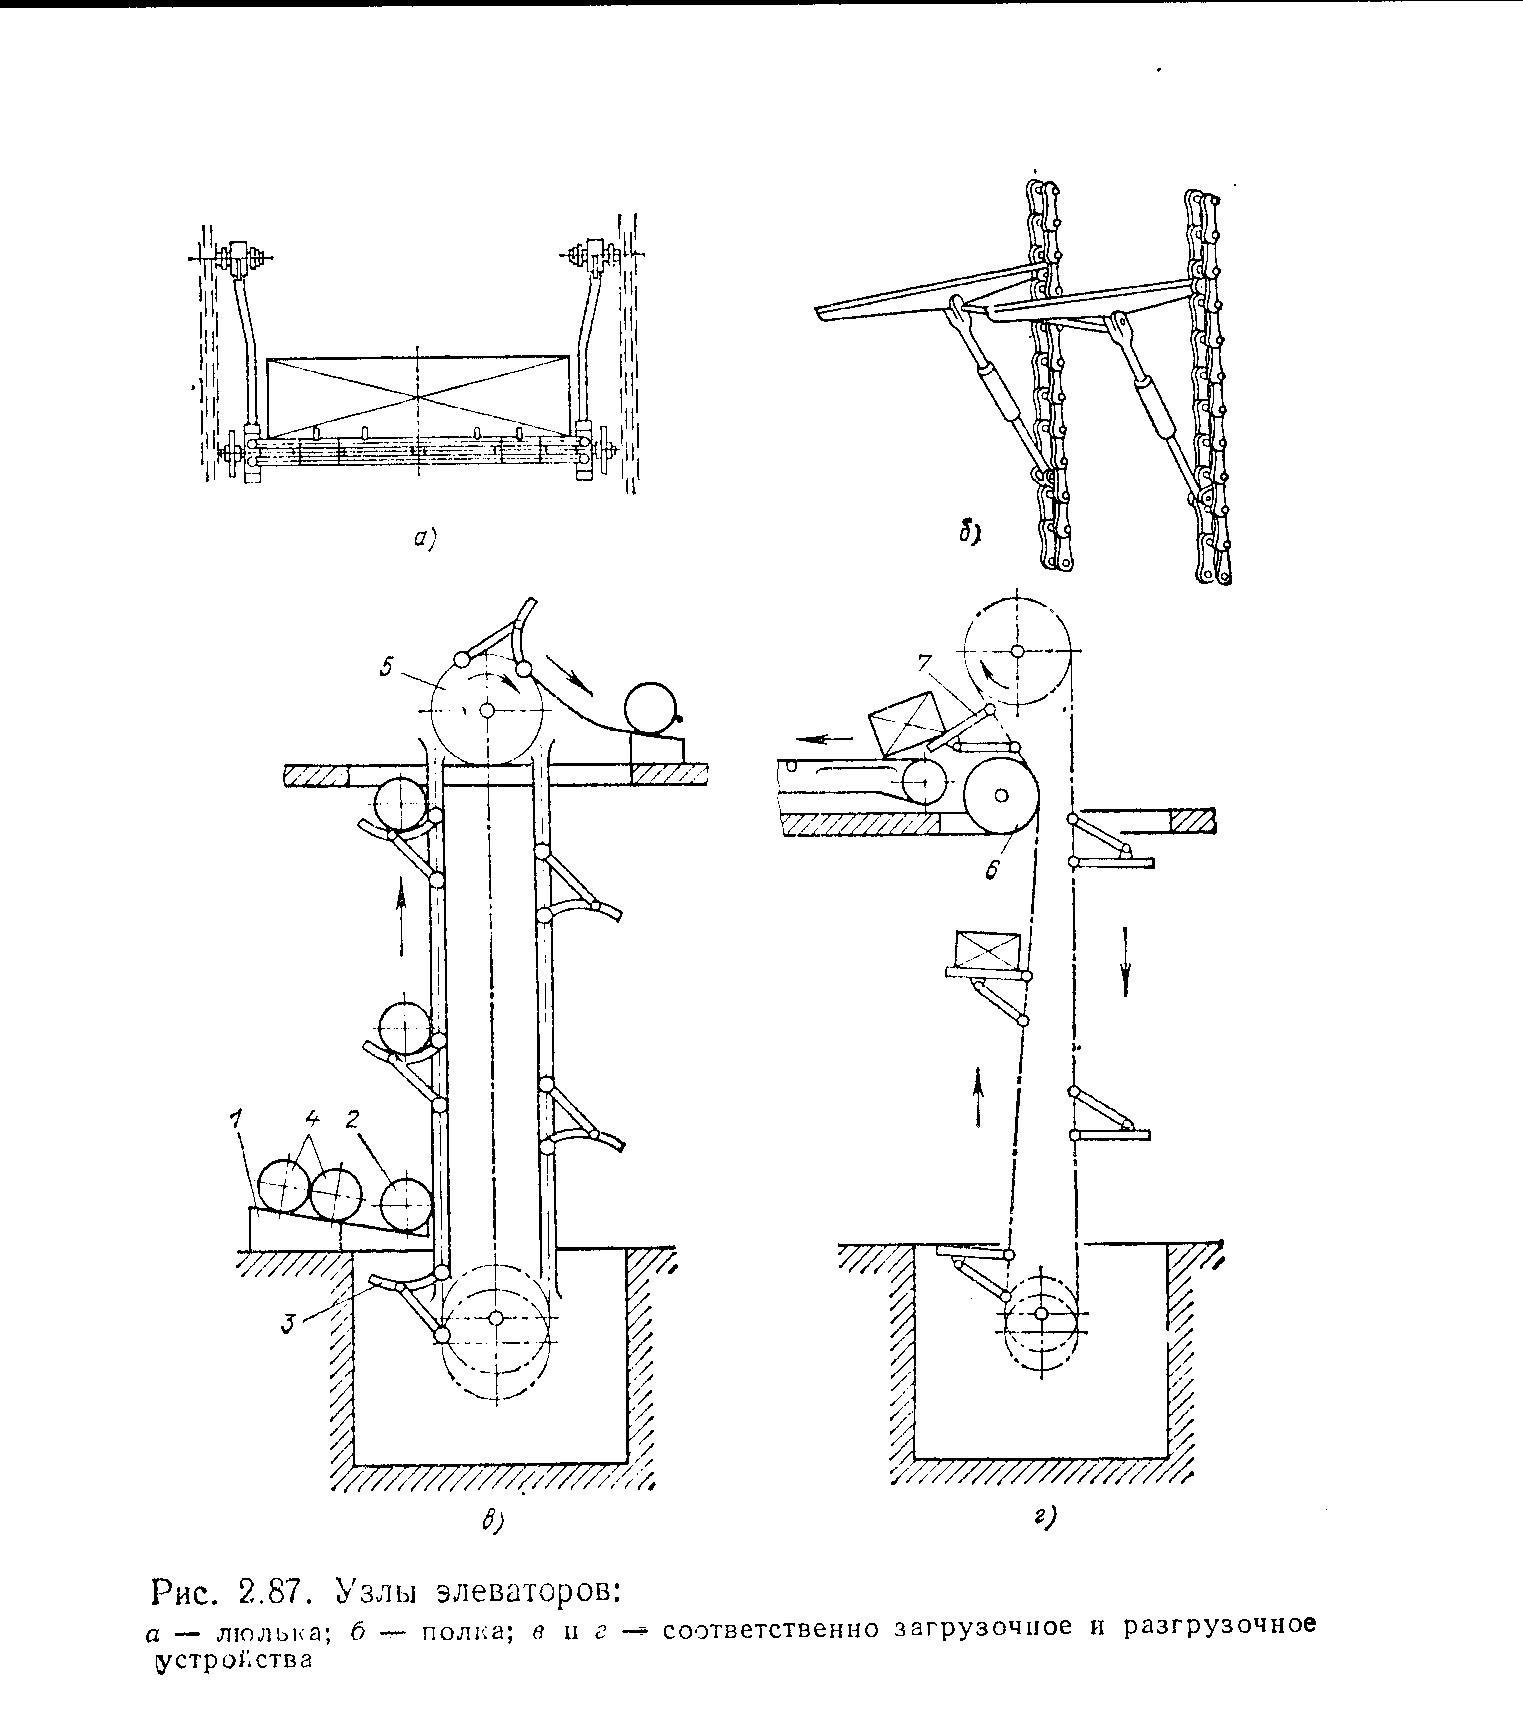 Загрузка элеватора лапка для швейной машинки верхний транспортер